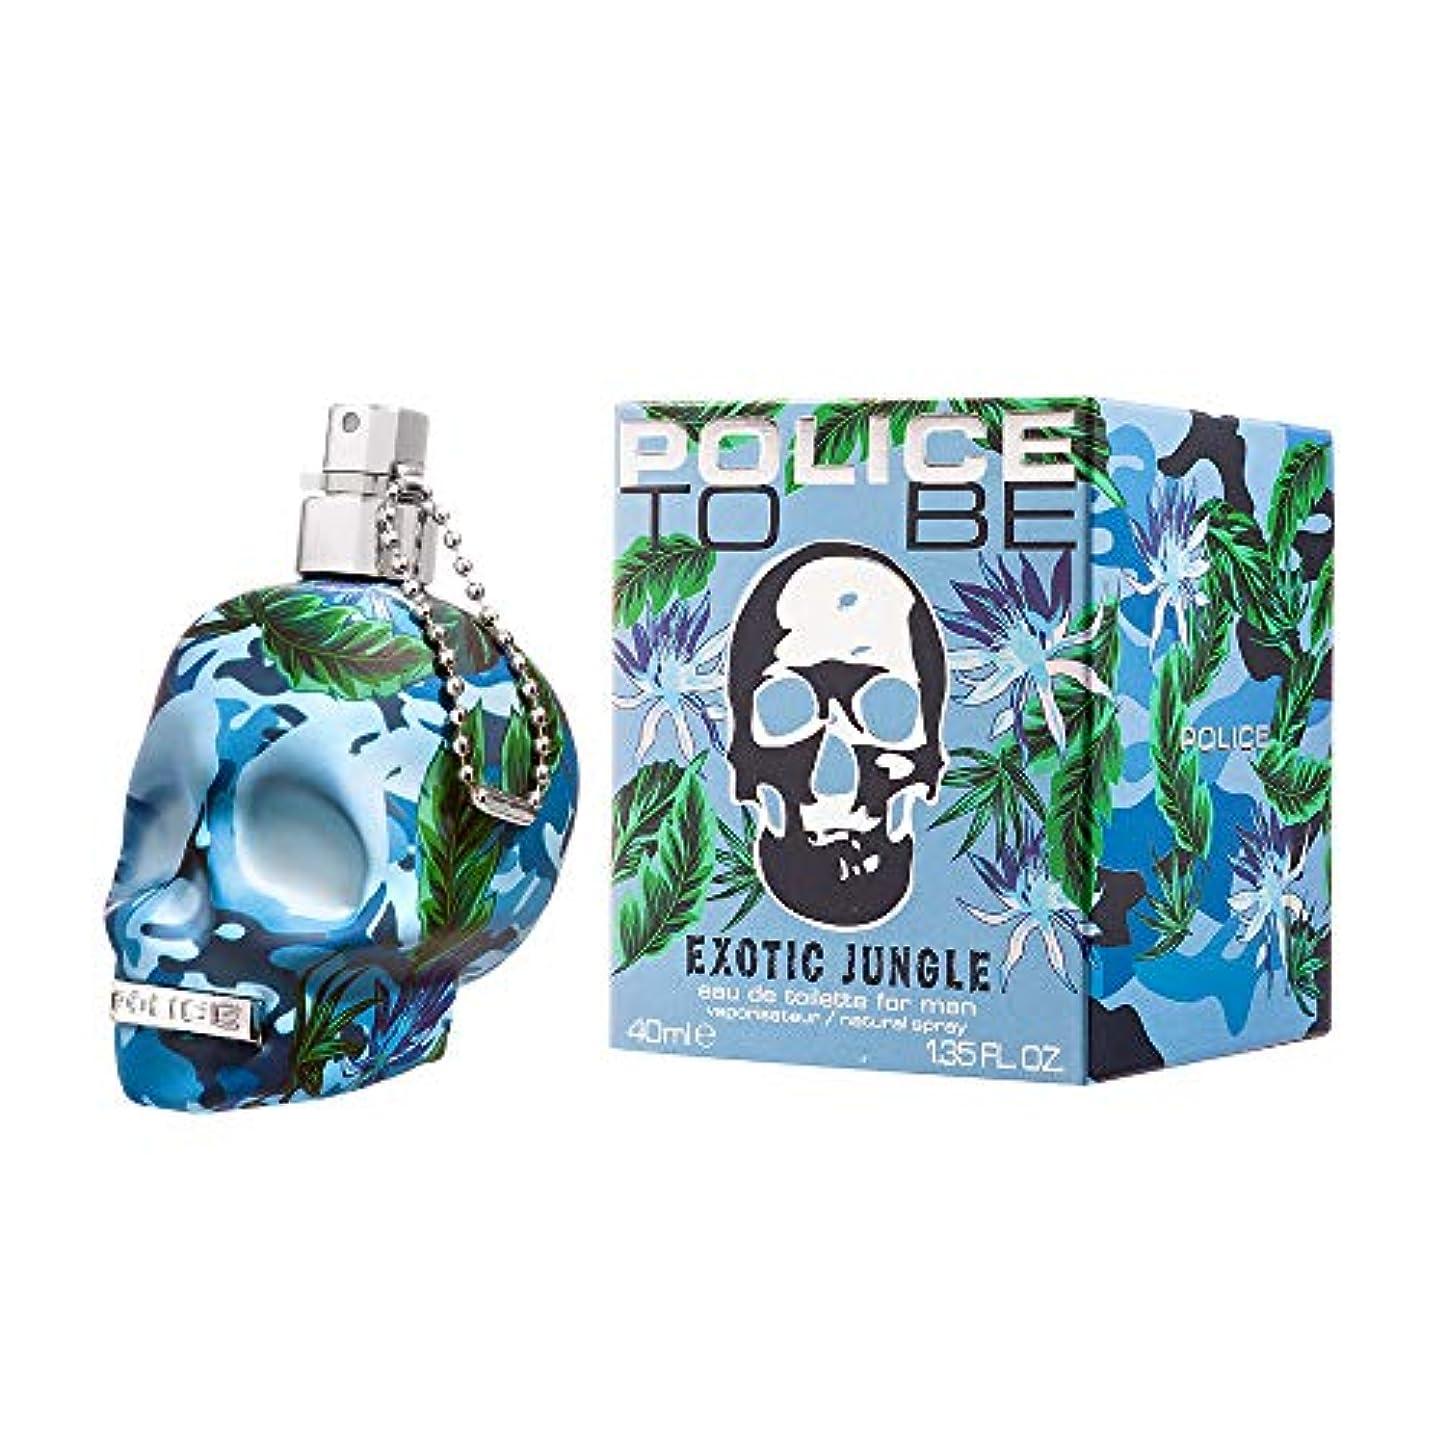 交換弱い遅らせるPOLICE(ポリス) トゥービー エキゾチック ジャングル フォーヒム 40ml